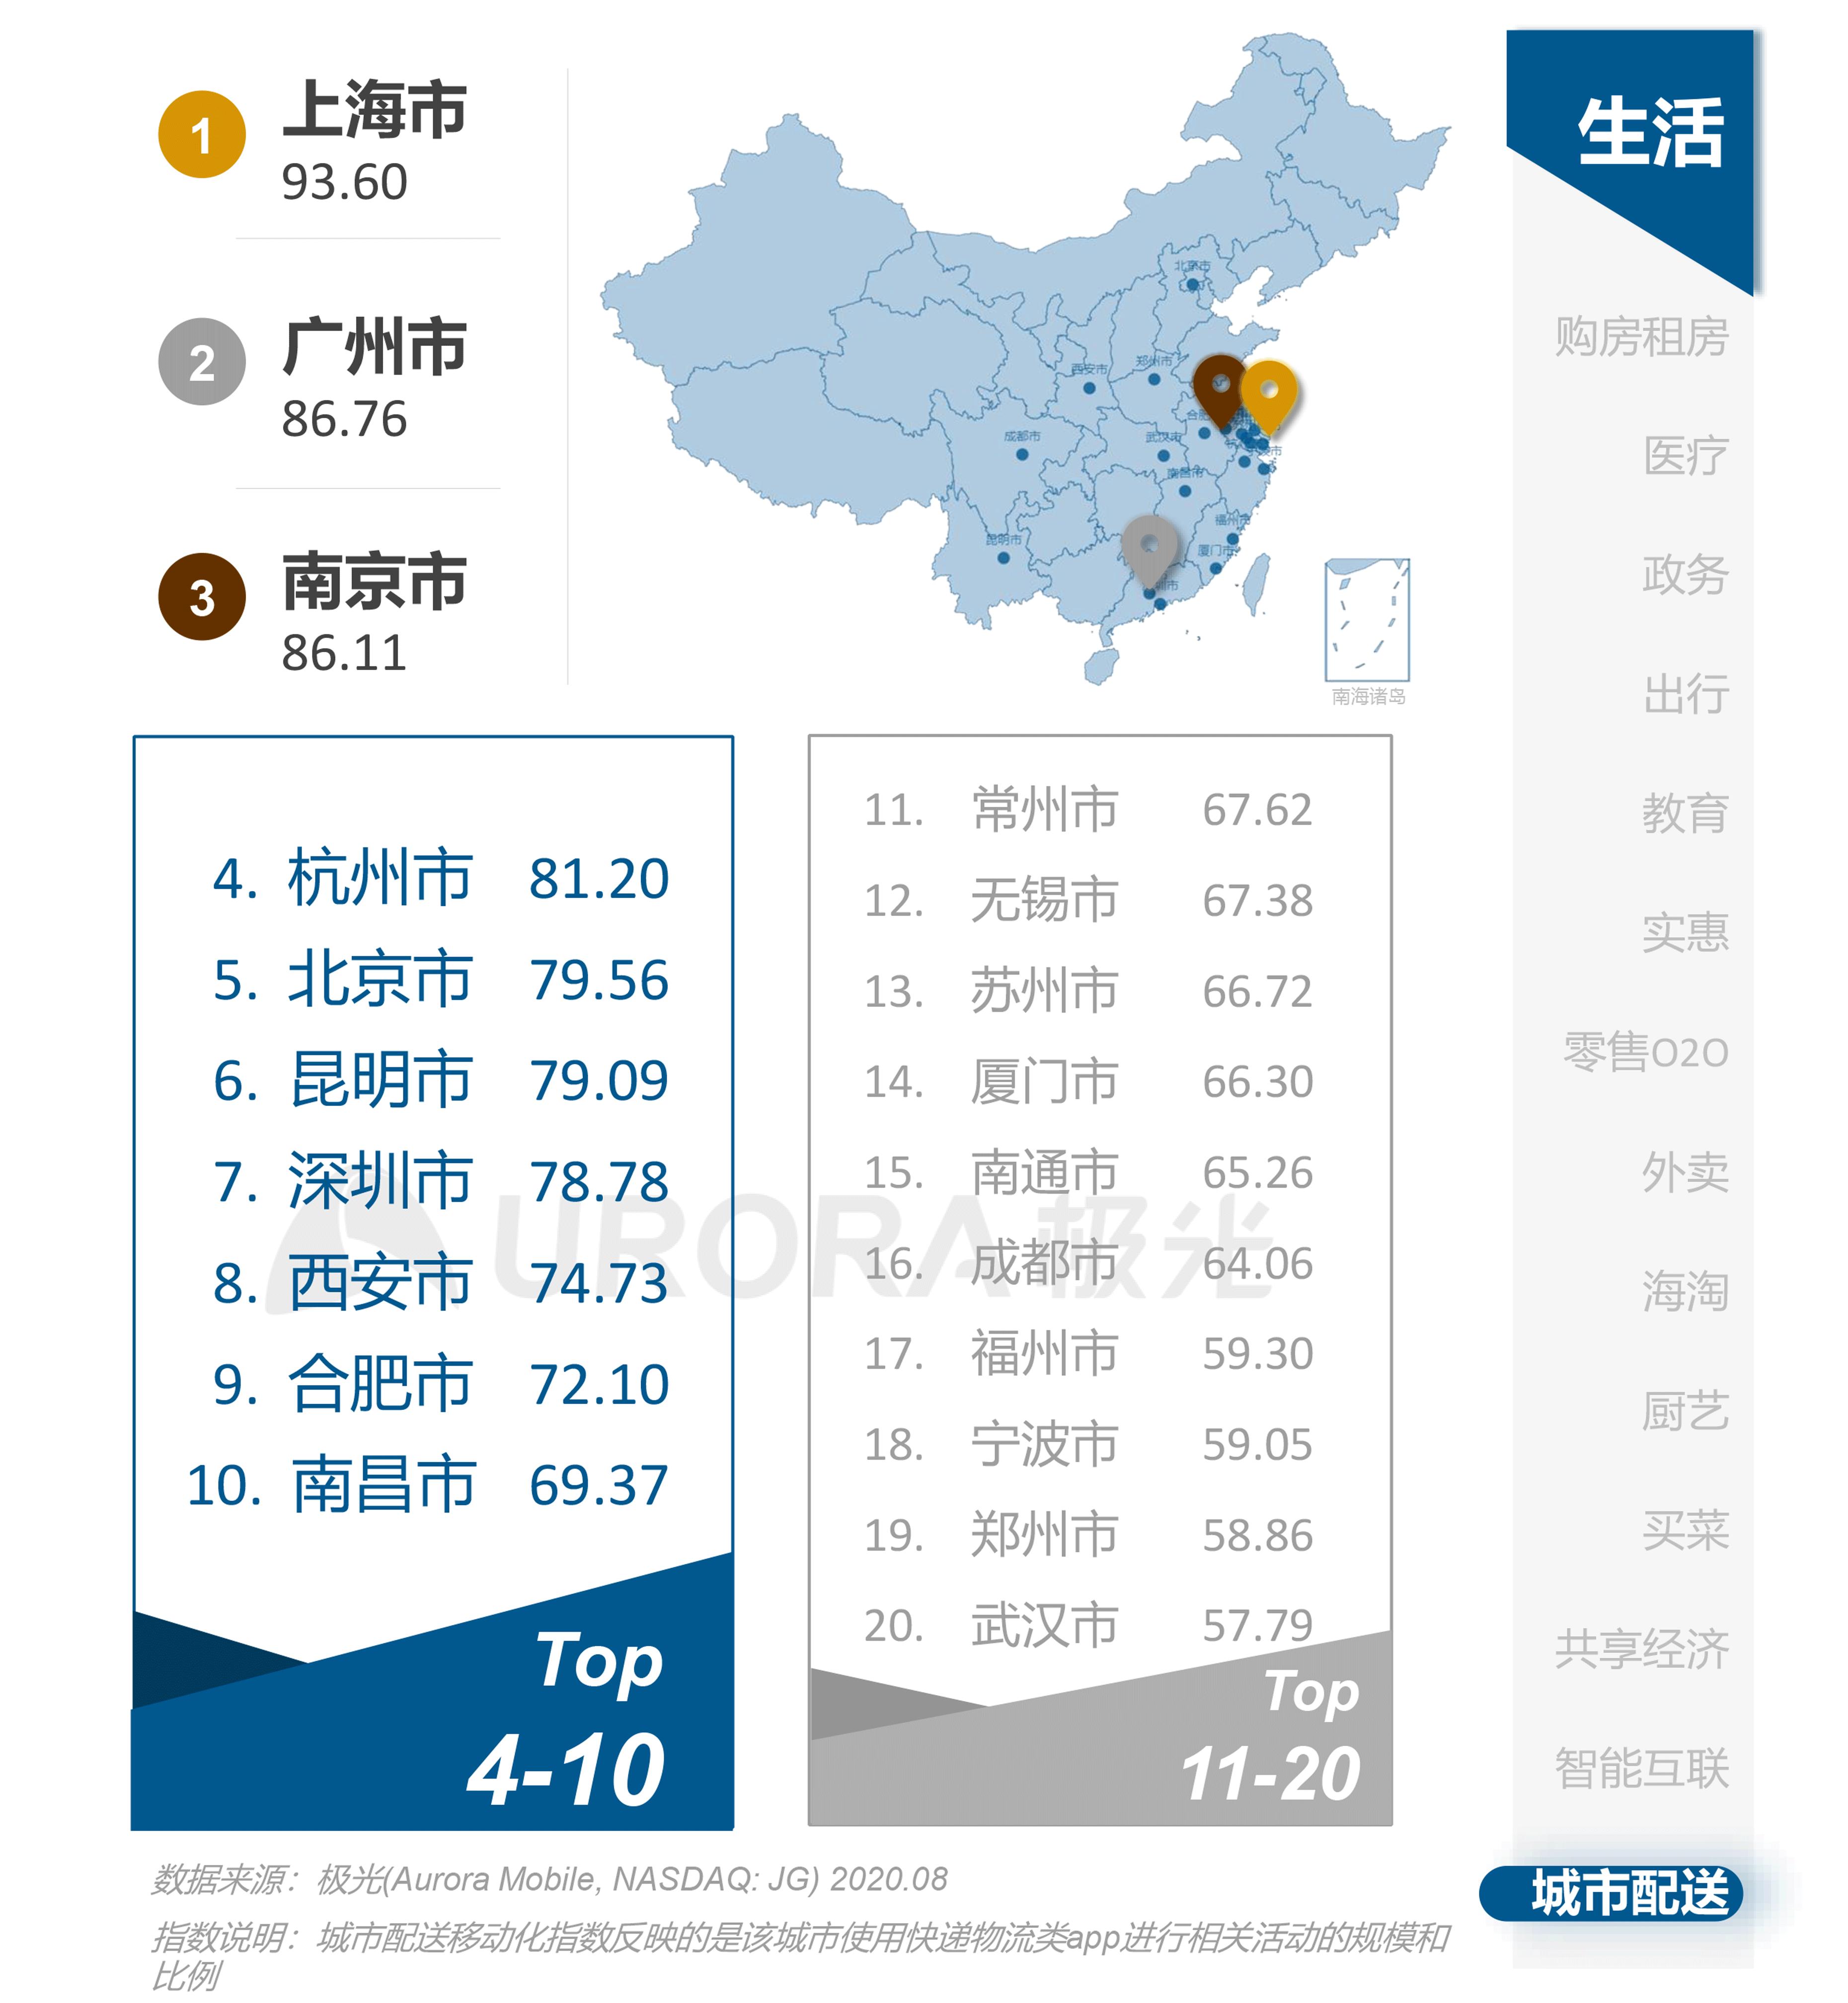 极光:互联网城市榜单 (17).png